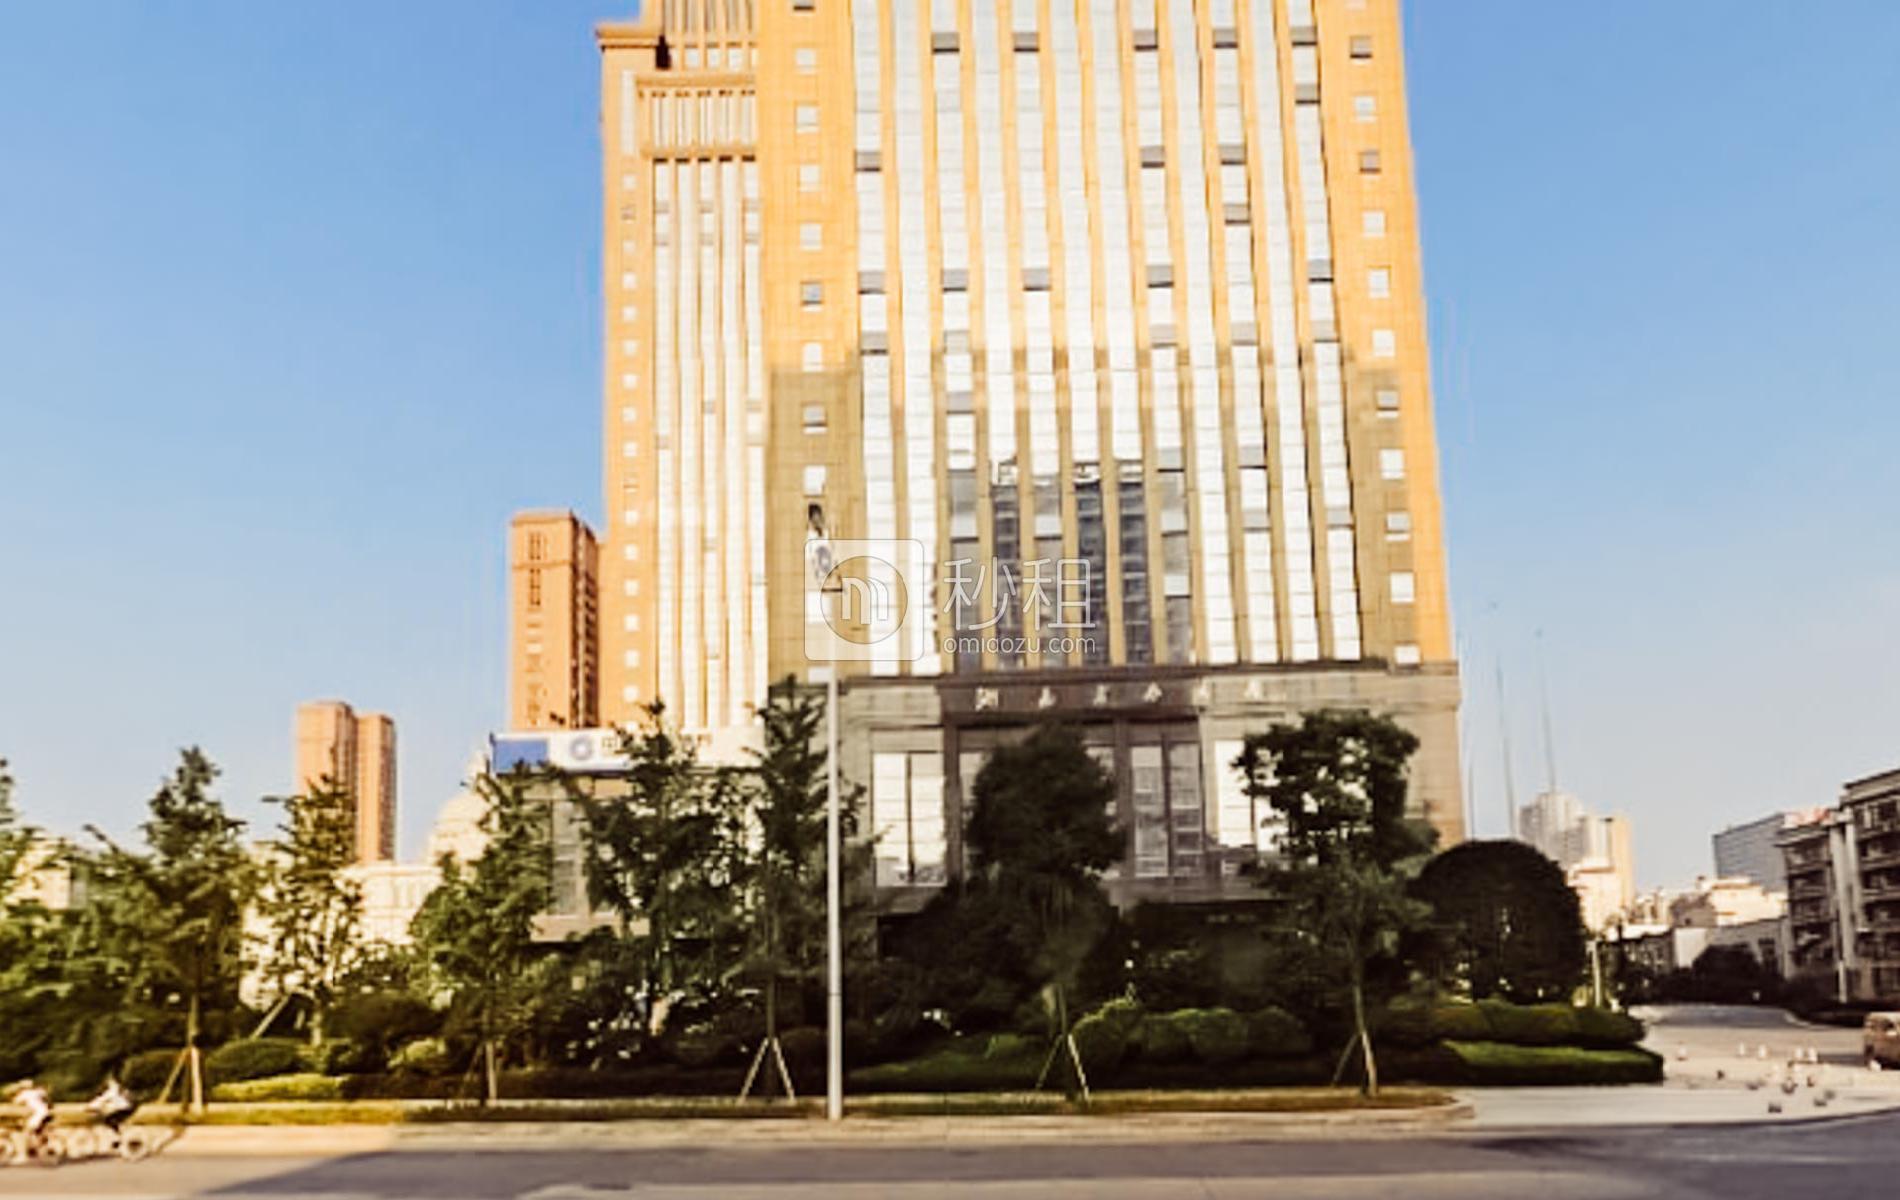 湖南商会大厦写字楼出租/招租/租赁,湖南商会大厦办公室出租/招租/租赁